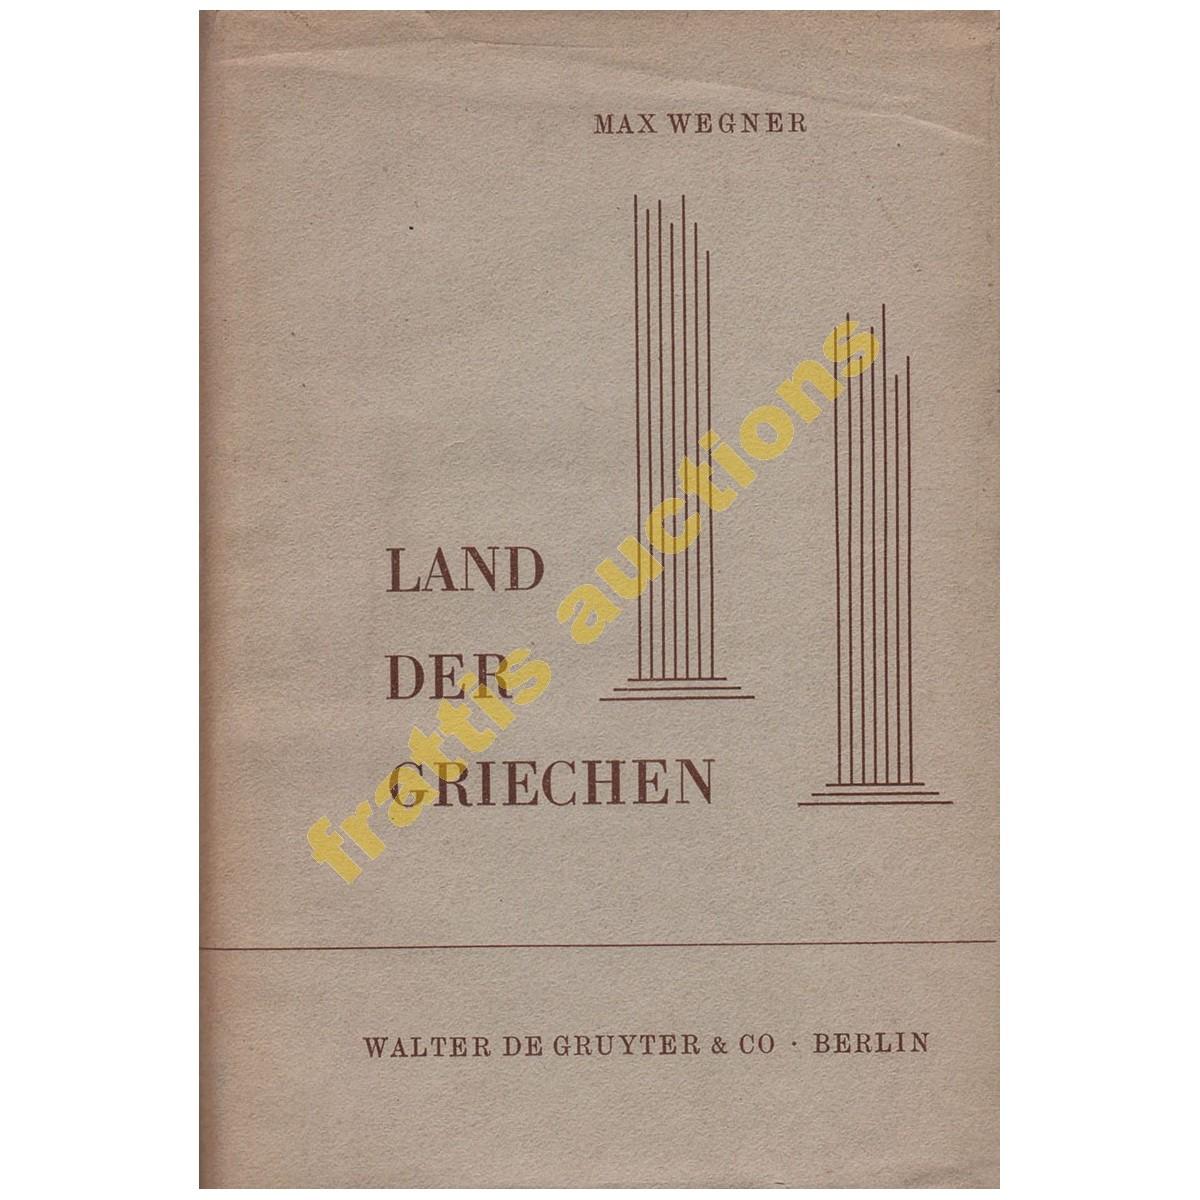 Land der Griechen, Max Wegner,1955.